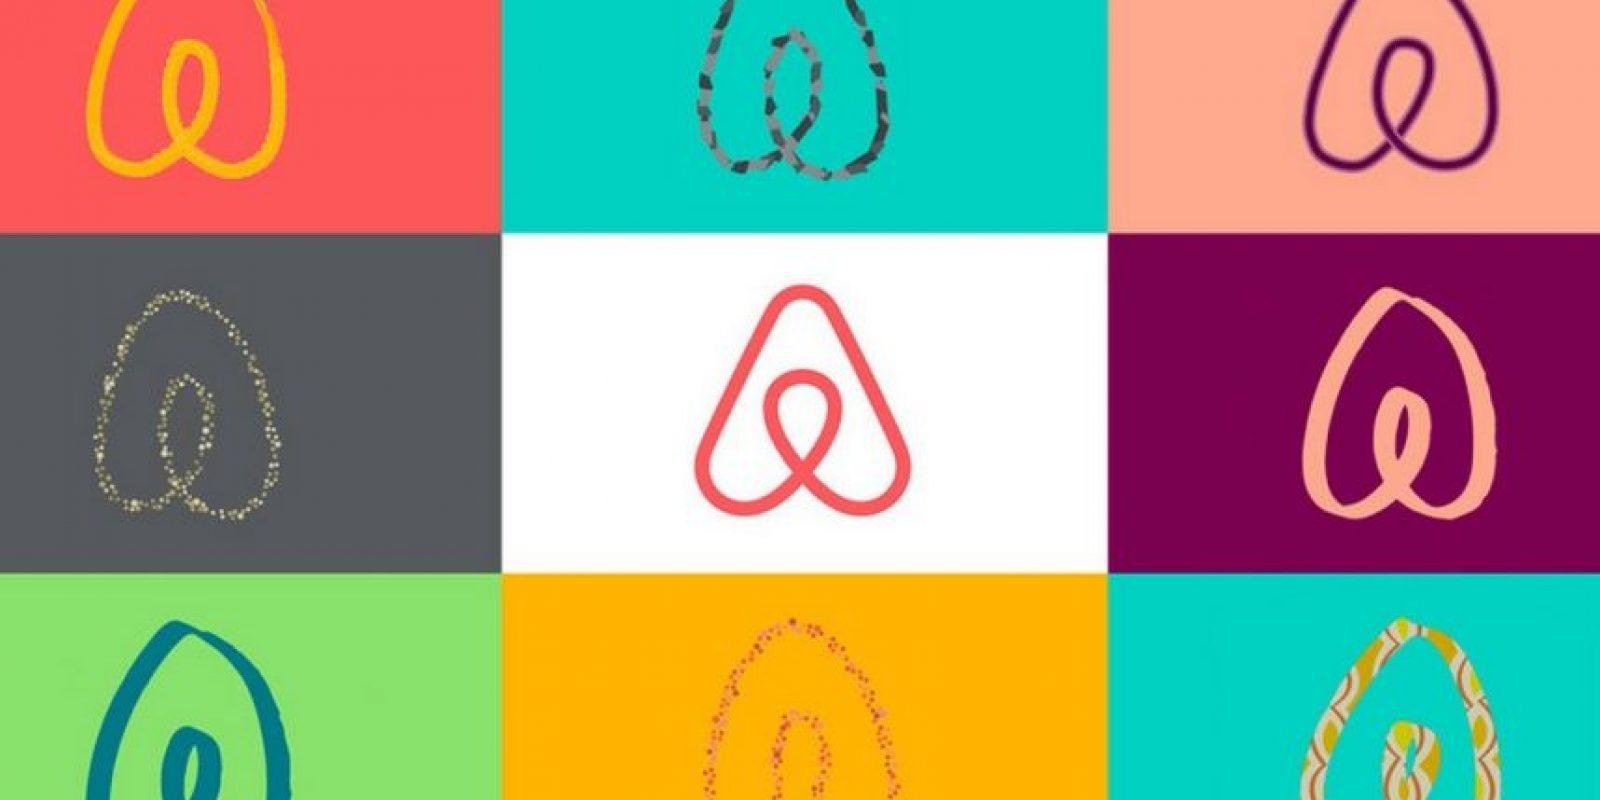 Rentas de departamentos, casas o cuartos económicos. Foto:Airbnb